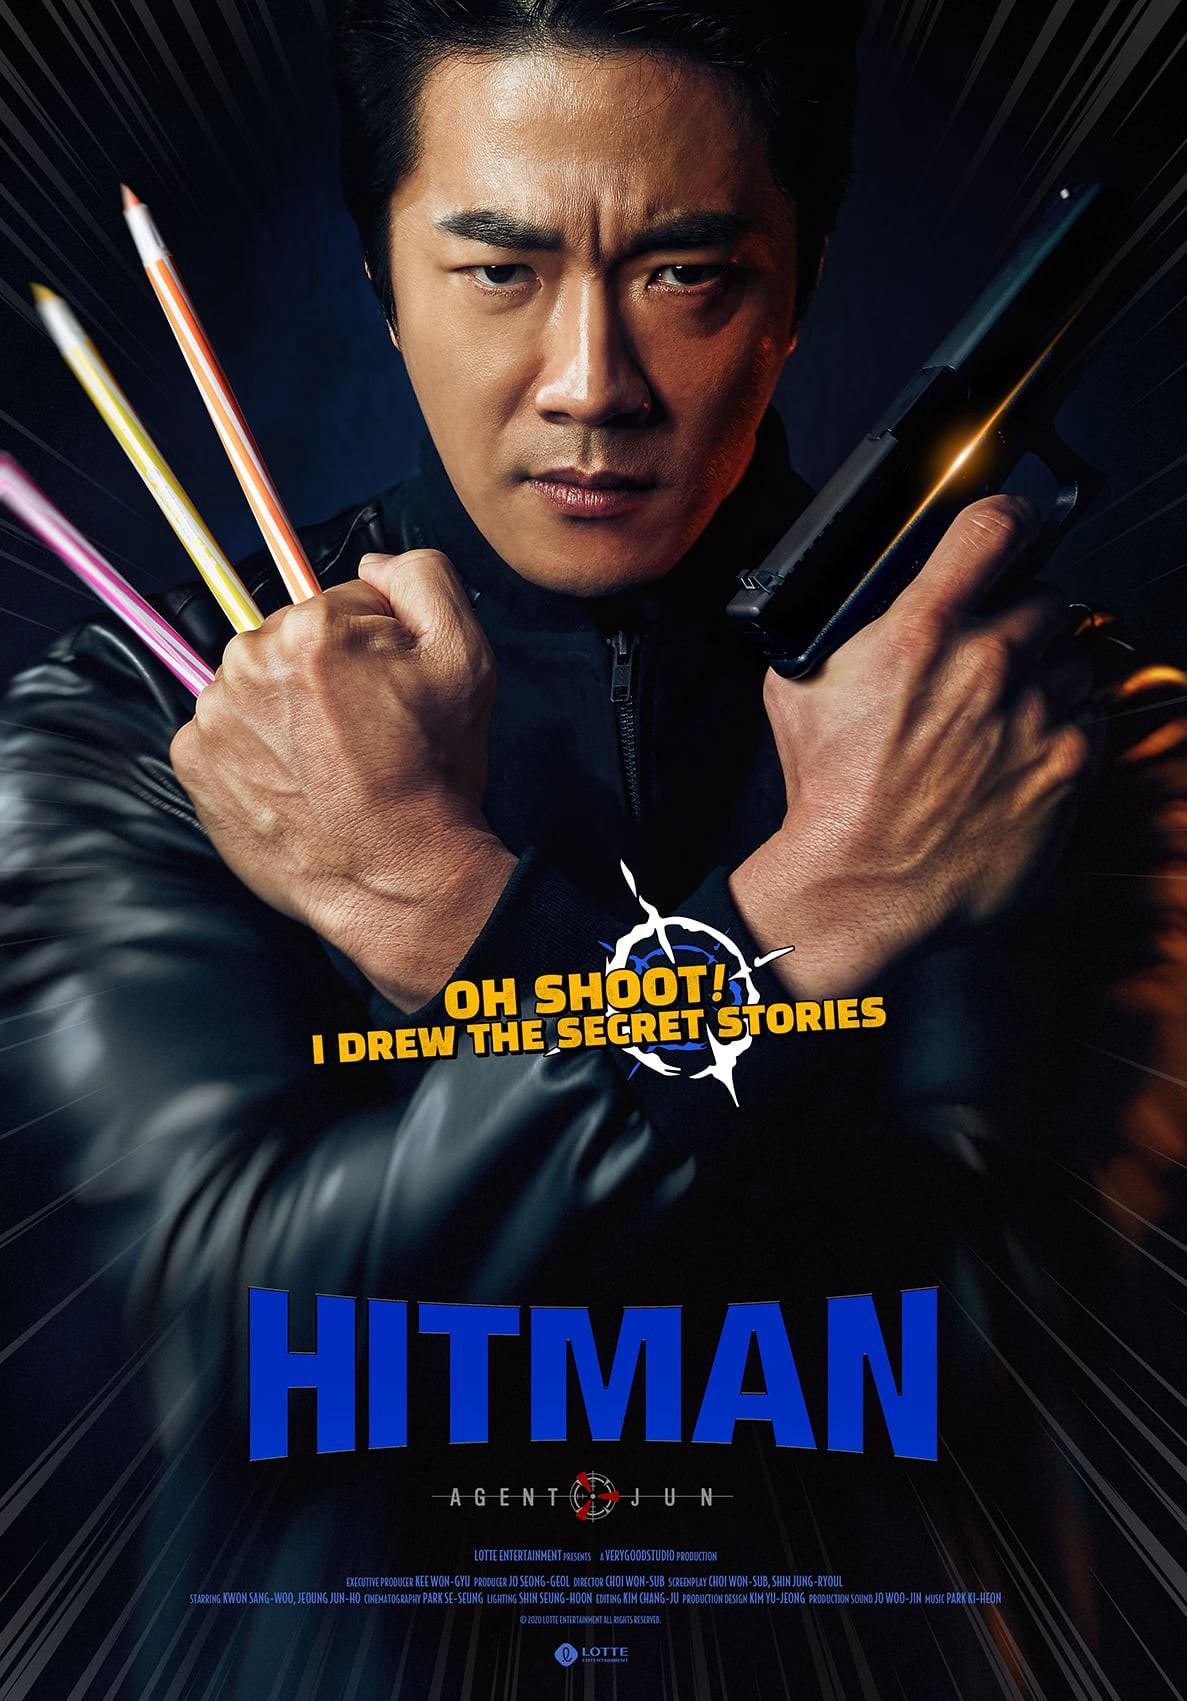 Hitman Agent Jun 2020 Imdb